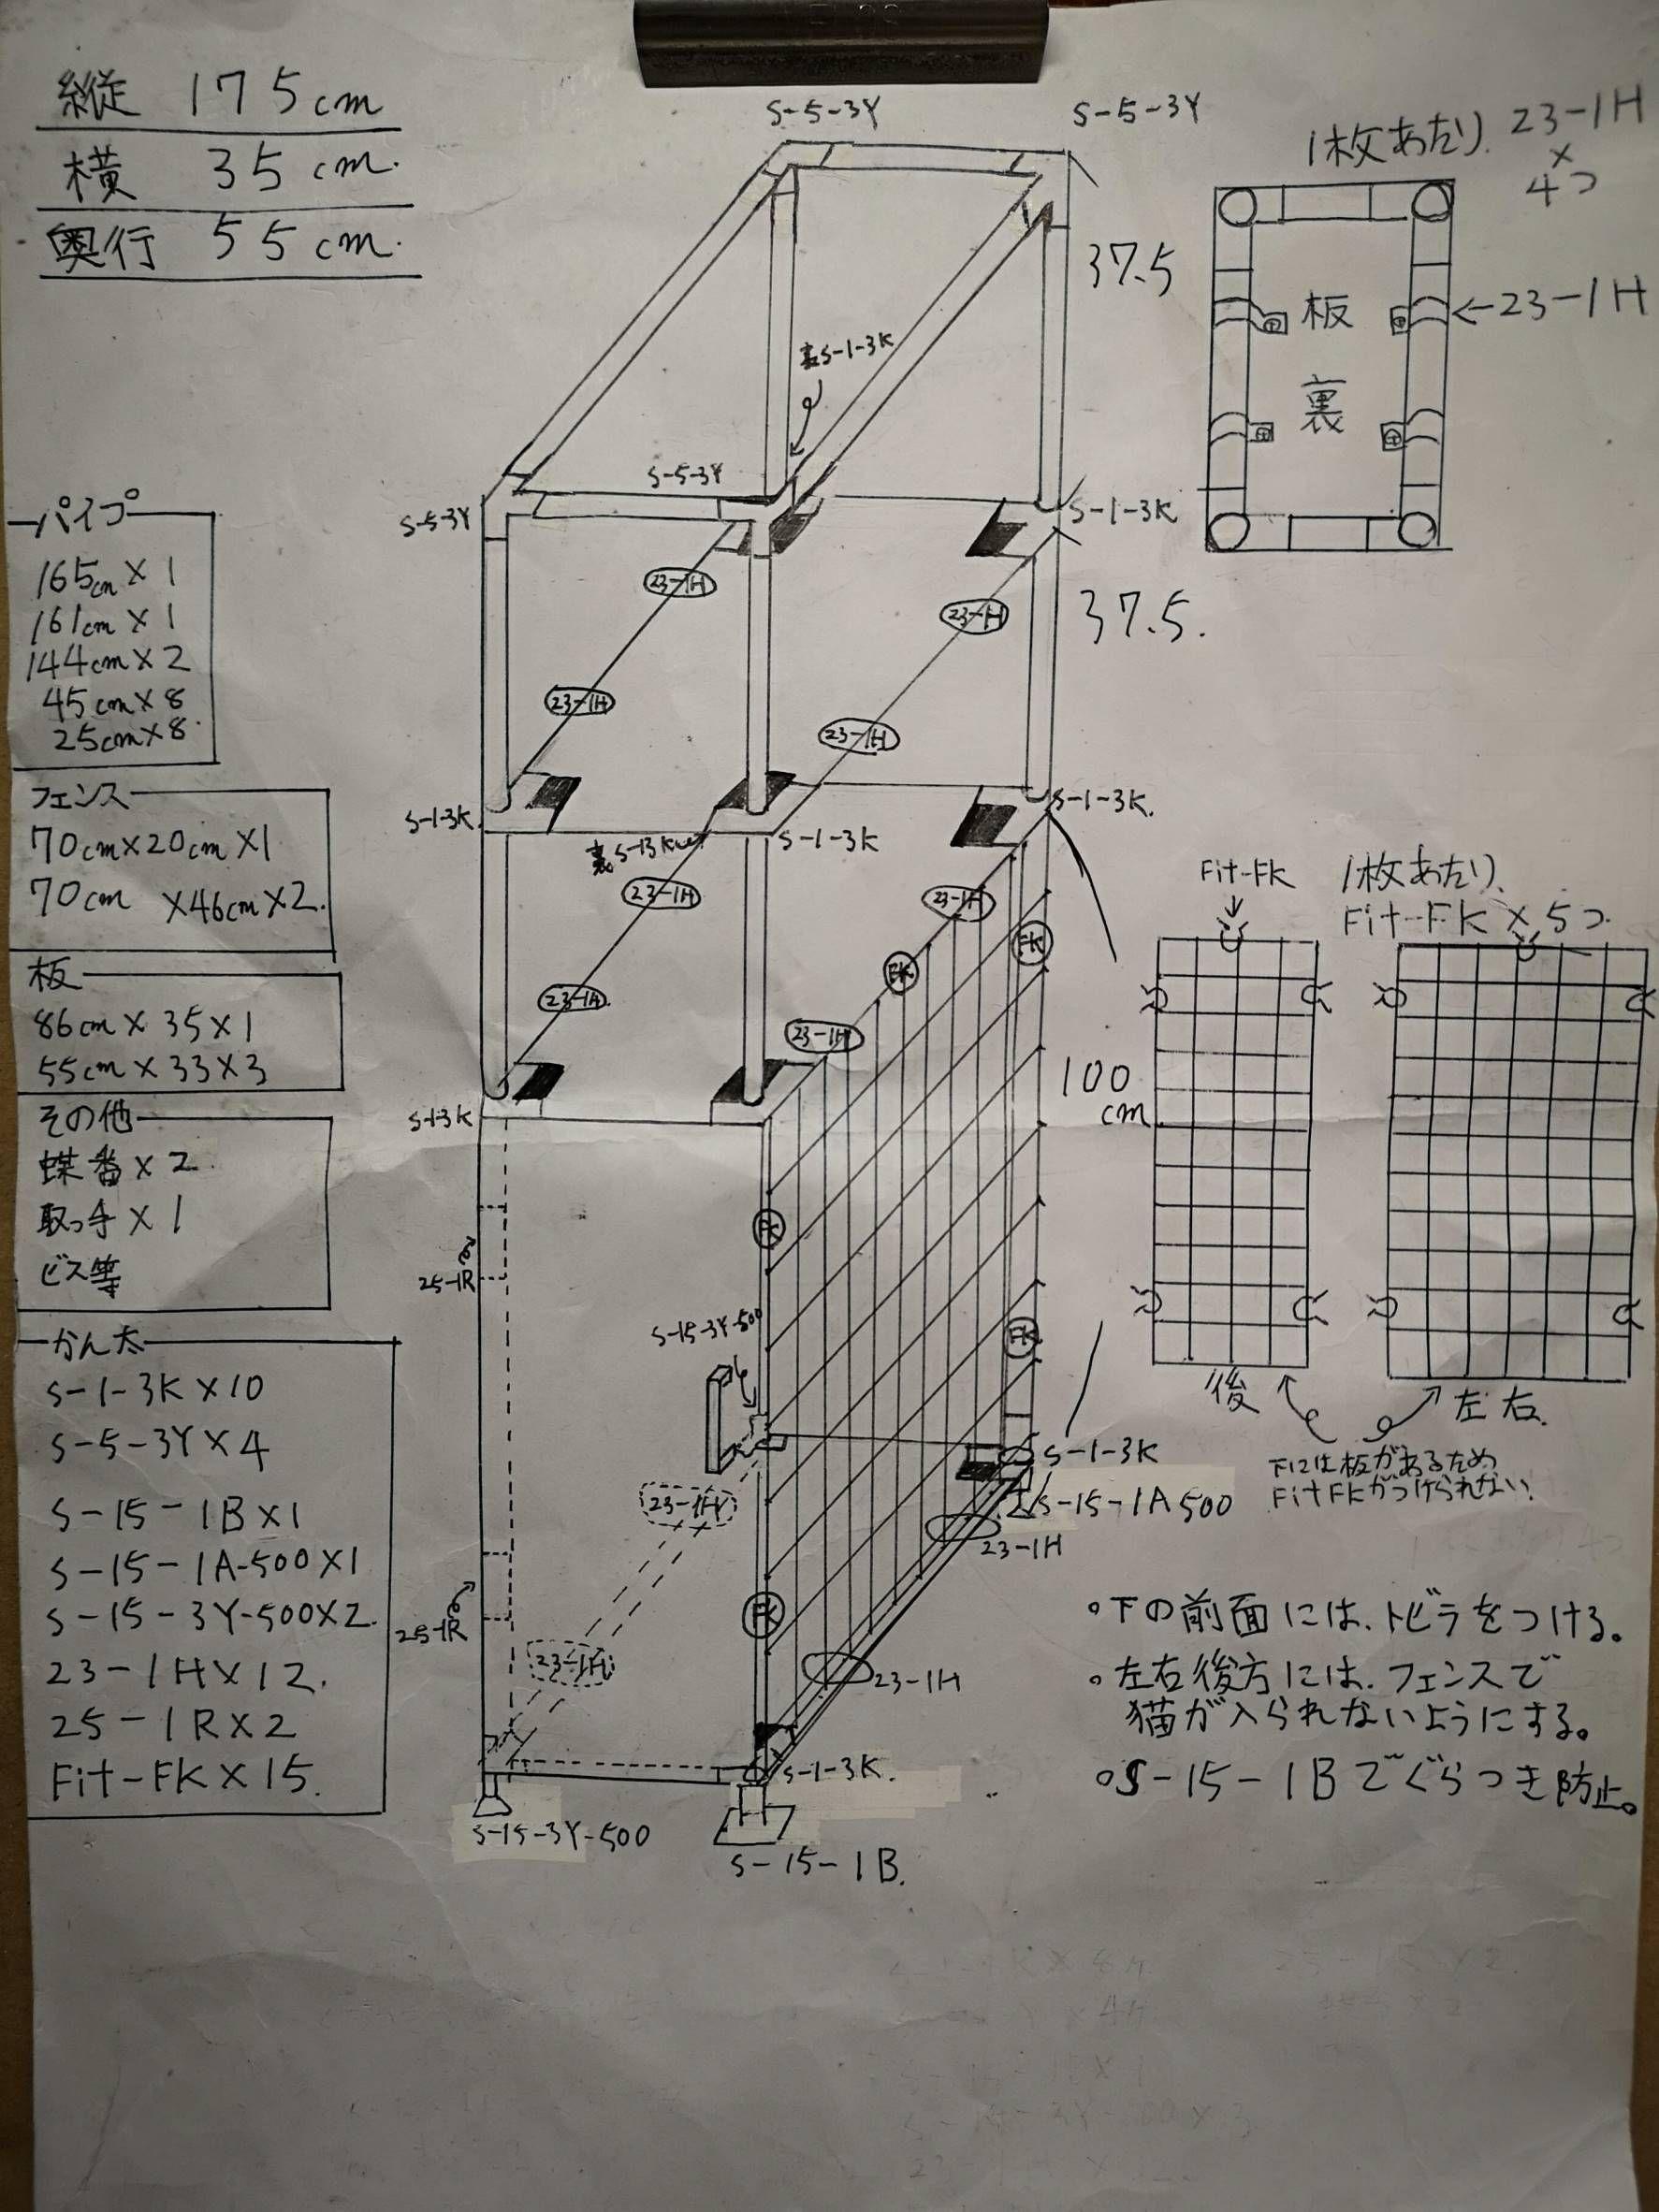 単管diy かん太で扉付き棚を作ってみた 1 気合抜群 作品構想から設計図まで 工業用パイプ棚 単管パイプ 扉